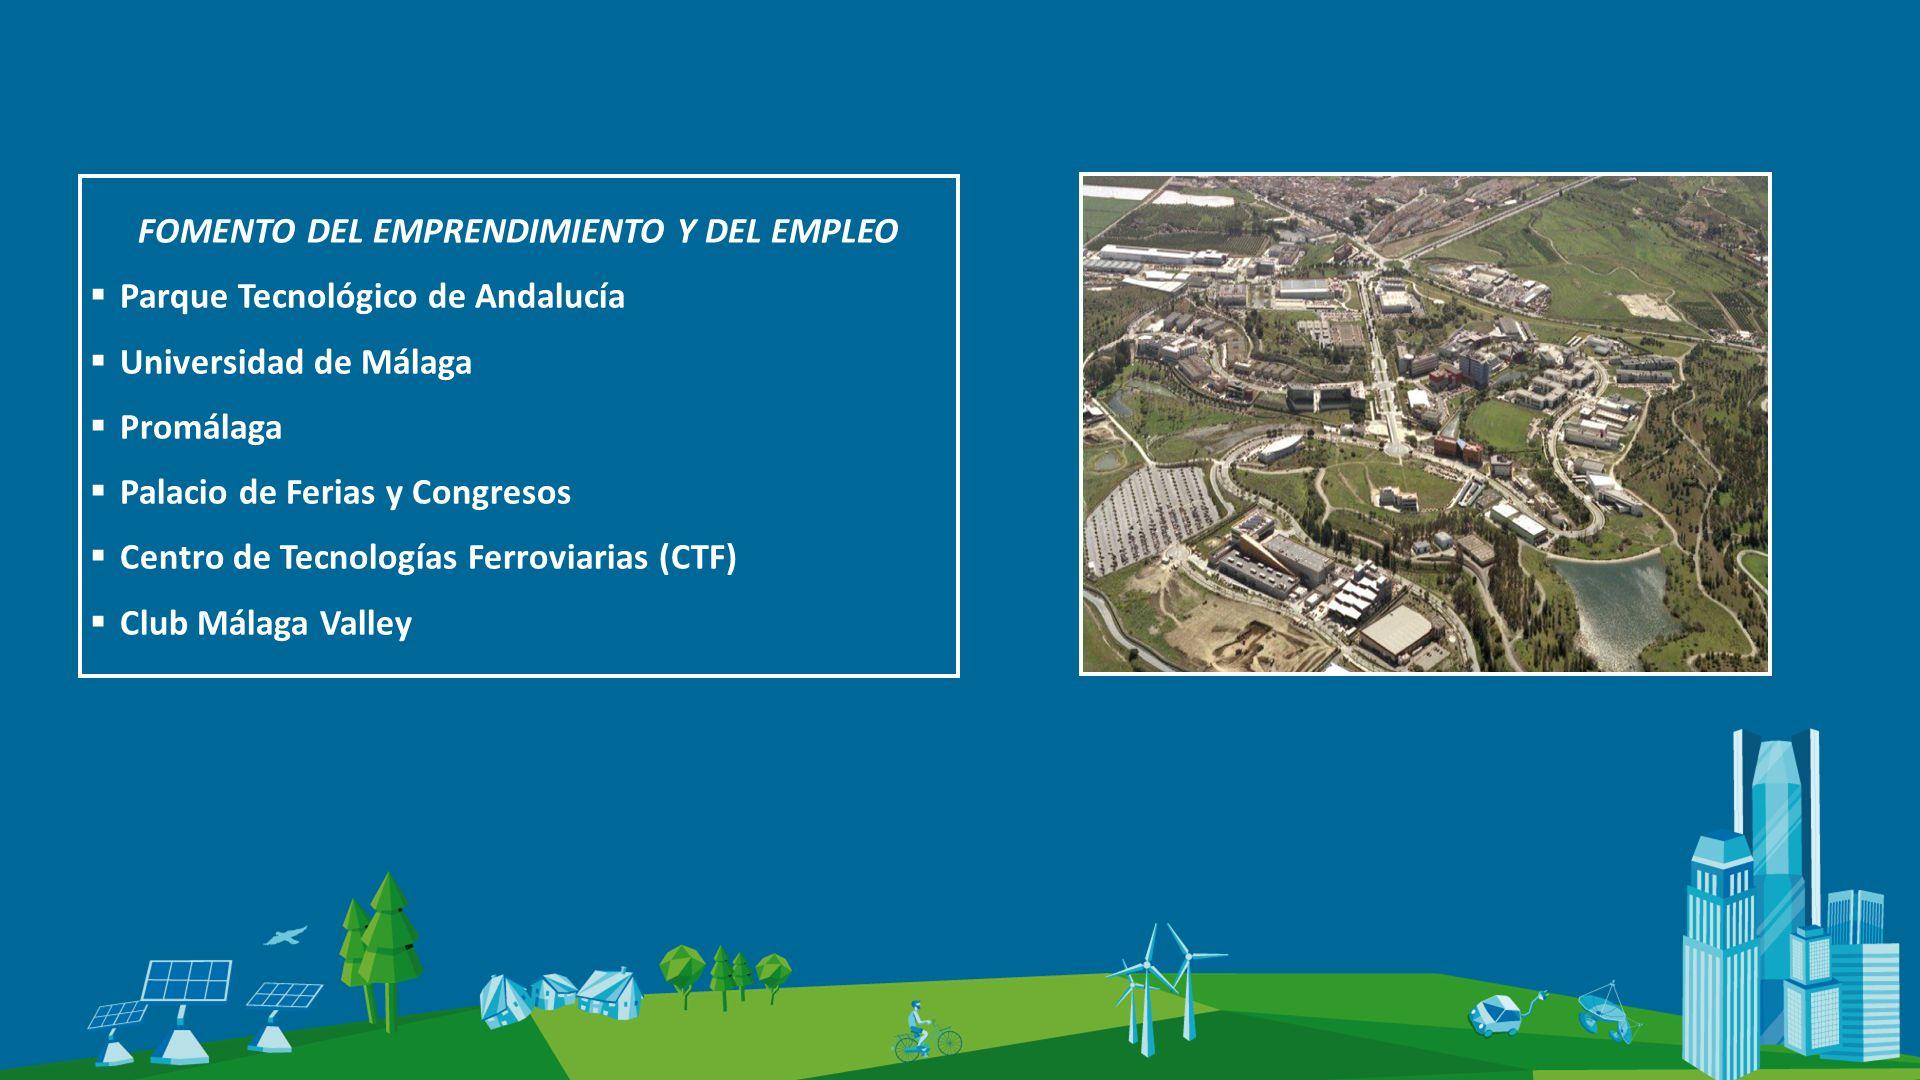 FOMENTO DEL EMPRENDIMIENTO Y DEL EMPLEO Parque Tecnológico de Andalucía Universidad de Málaga Promálaga Palacio de Ferias y Congresos Centro de Tecnologías Ferroviarias (CTF) Club Málaga Valley